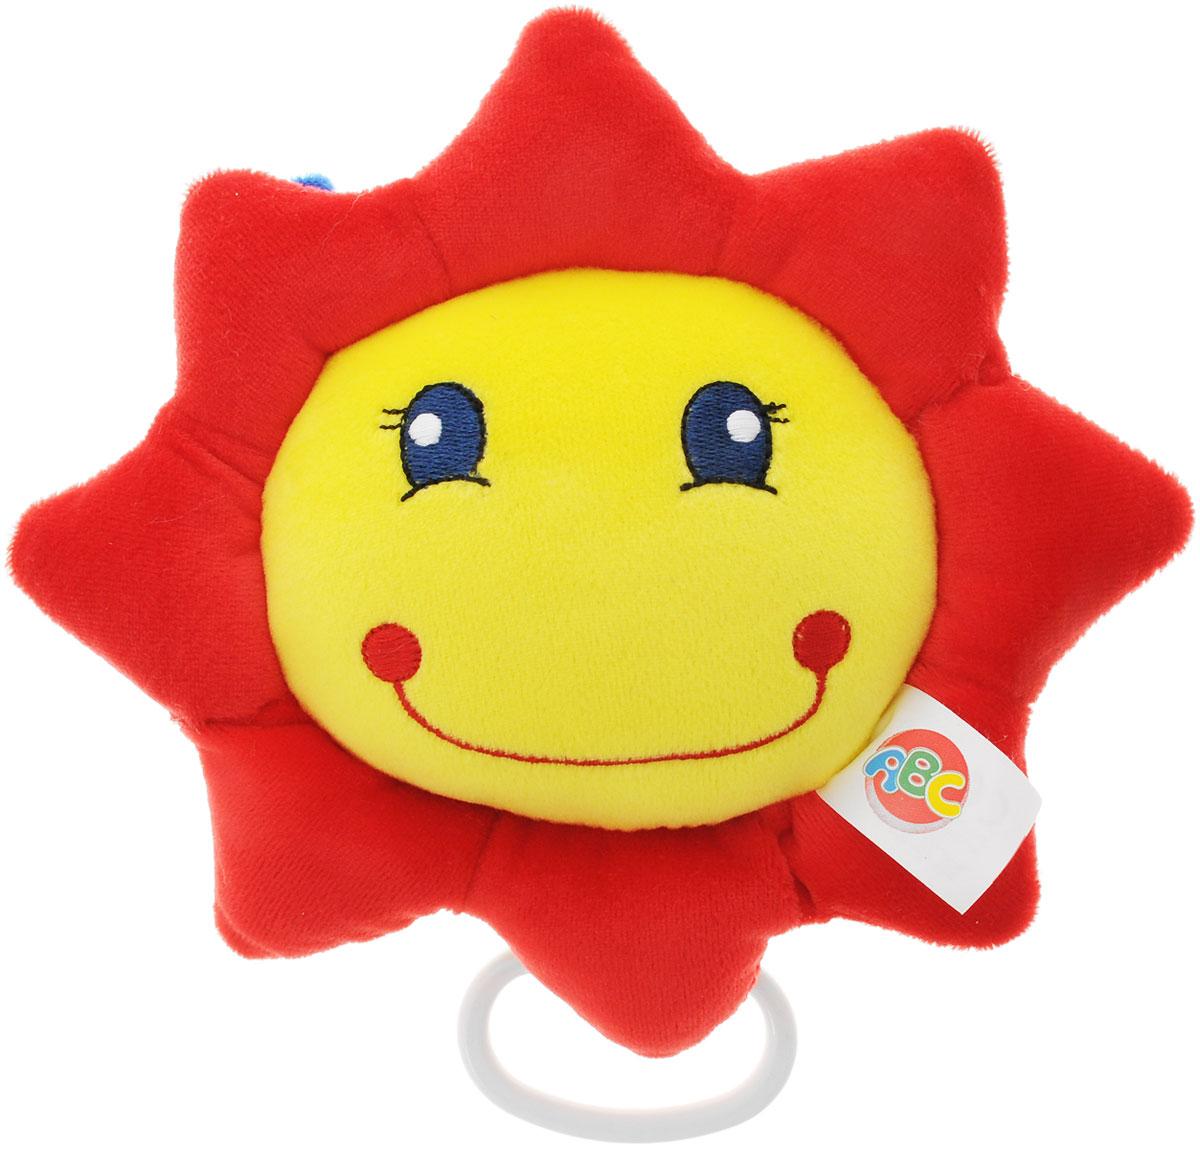 Simba Музыкальная игрушка-подвеска Солнышко simba музыкальная гитара на батарейках свет звук 43 5 см 4010529